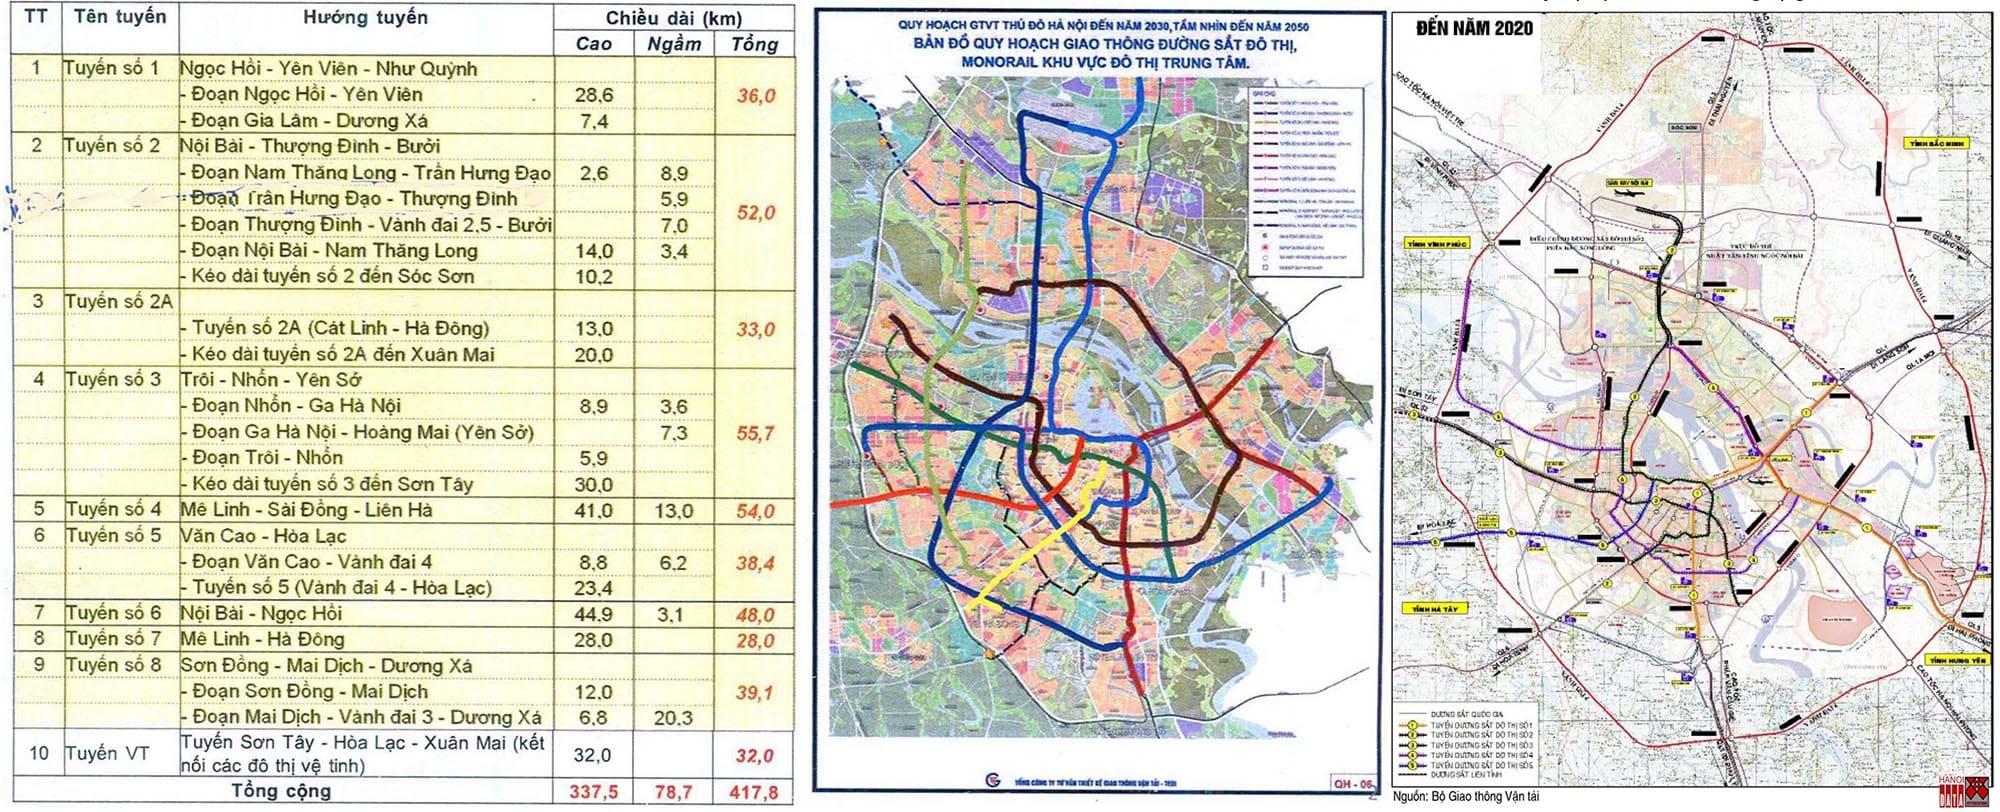 Tư liệu do Ban Quản lý ĐSĐT Hà Nội (16.1.2019) và JICA- 2011 xuất bản. Nguồn: Hanoidata & City Solution